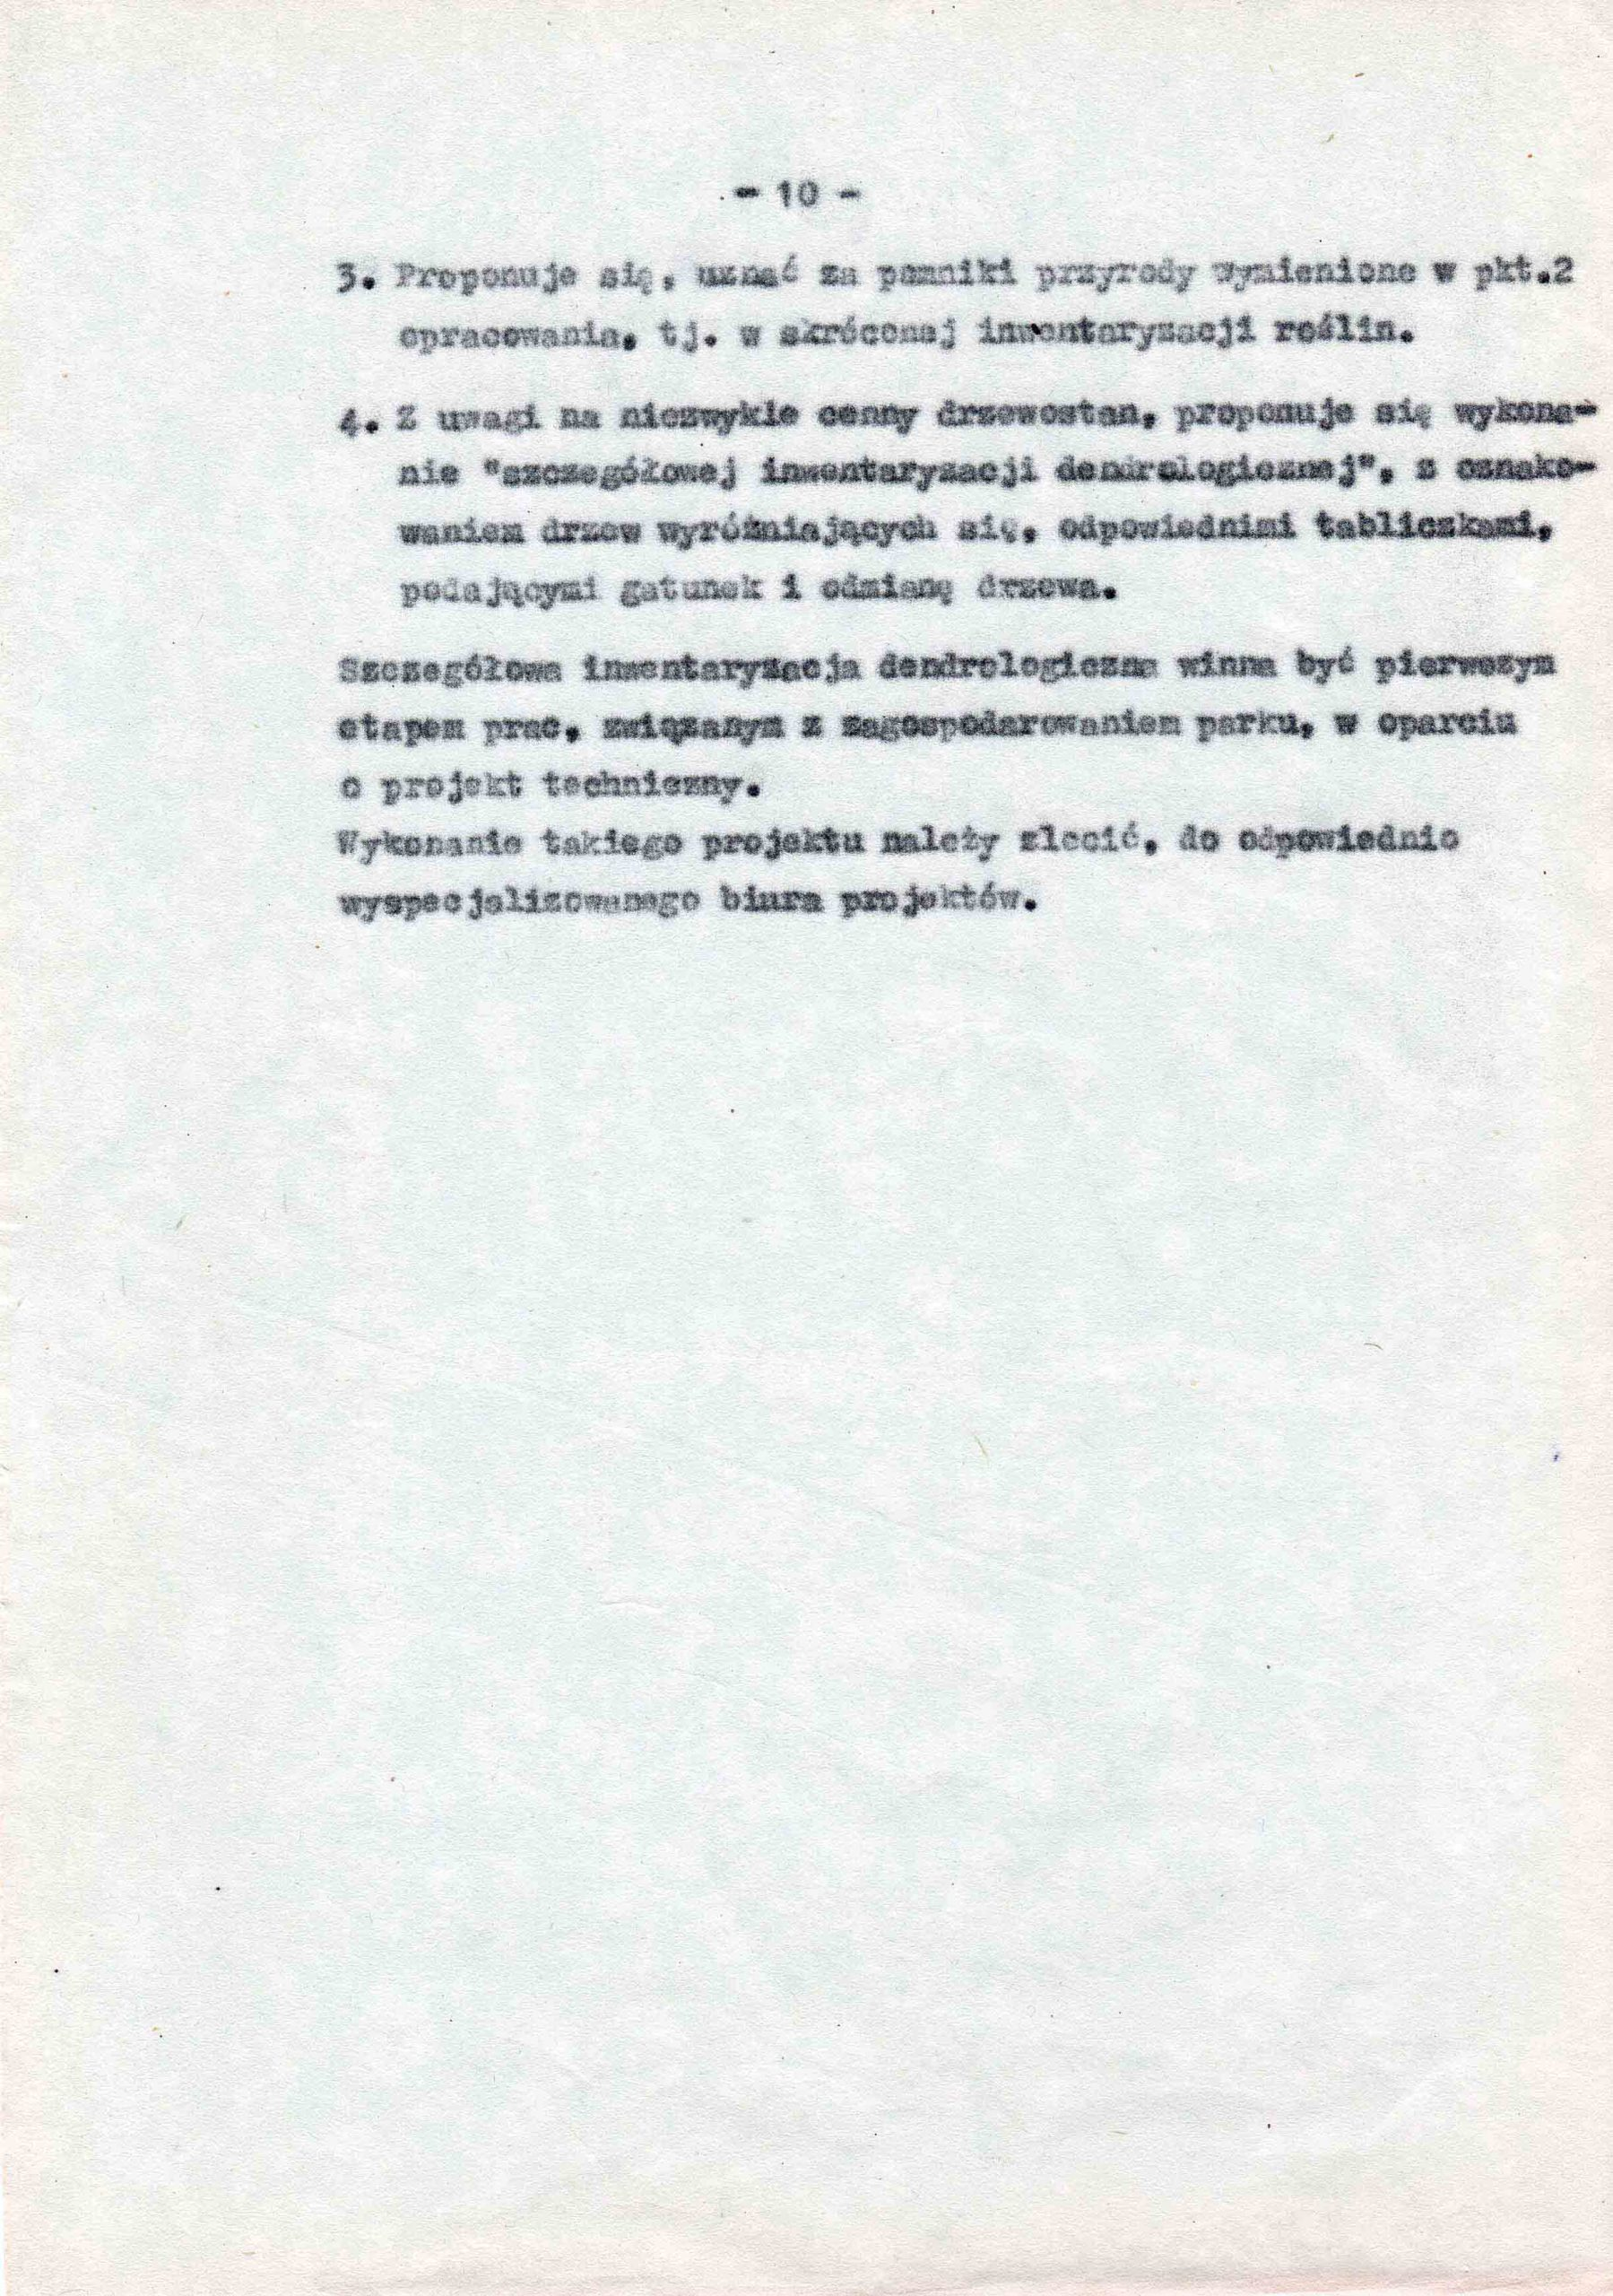 Ewidencja założenia ogrodowo-parkowego 1987 dokument (14)